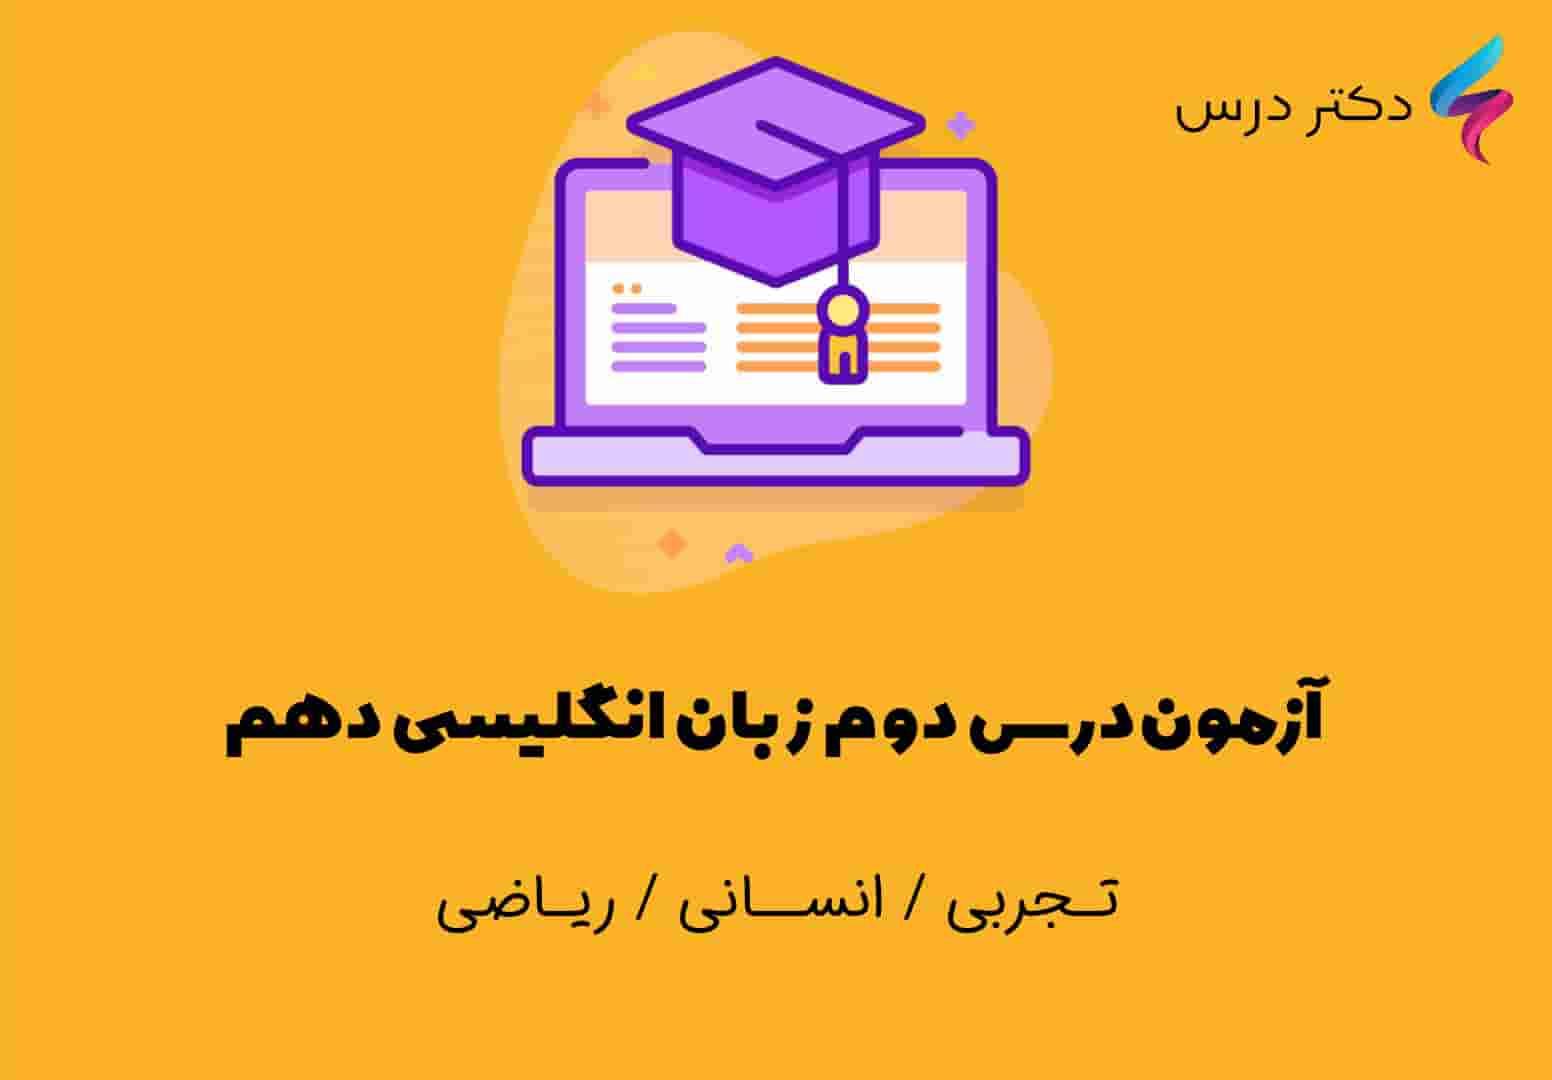 آزمون درس دوم زبان انگلیسی دهم